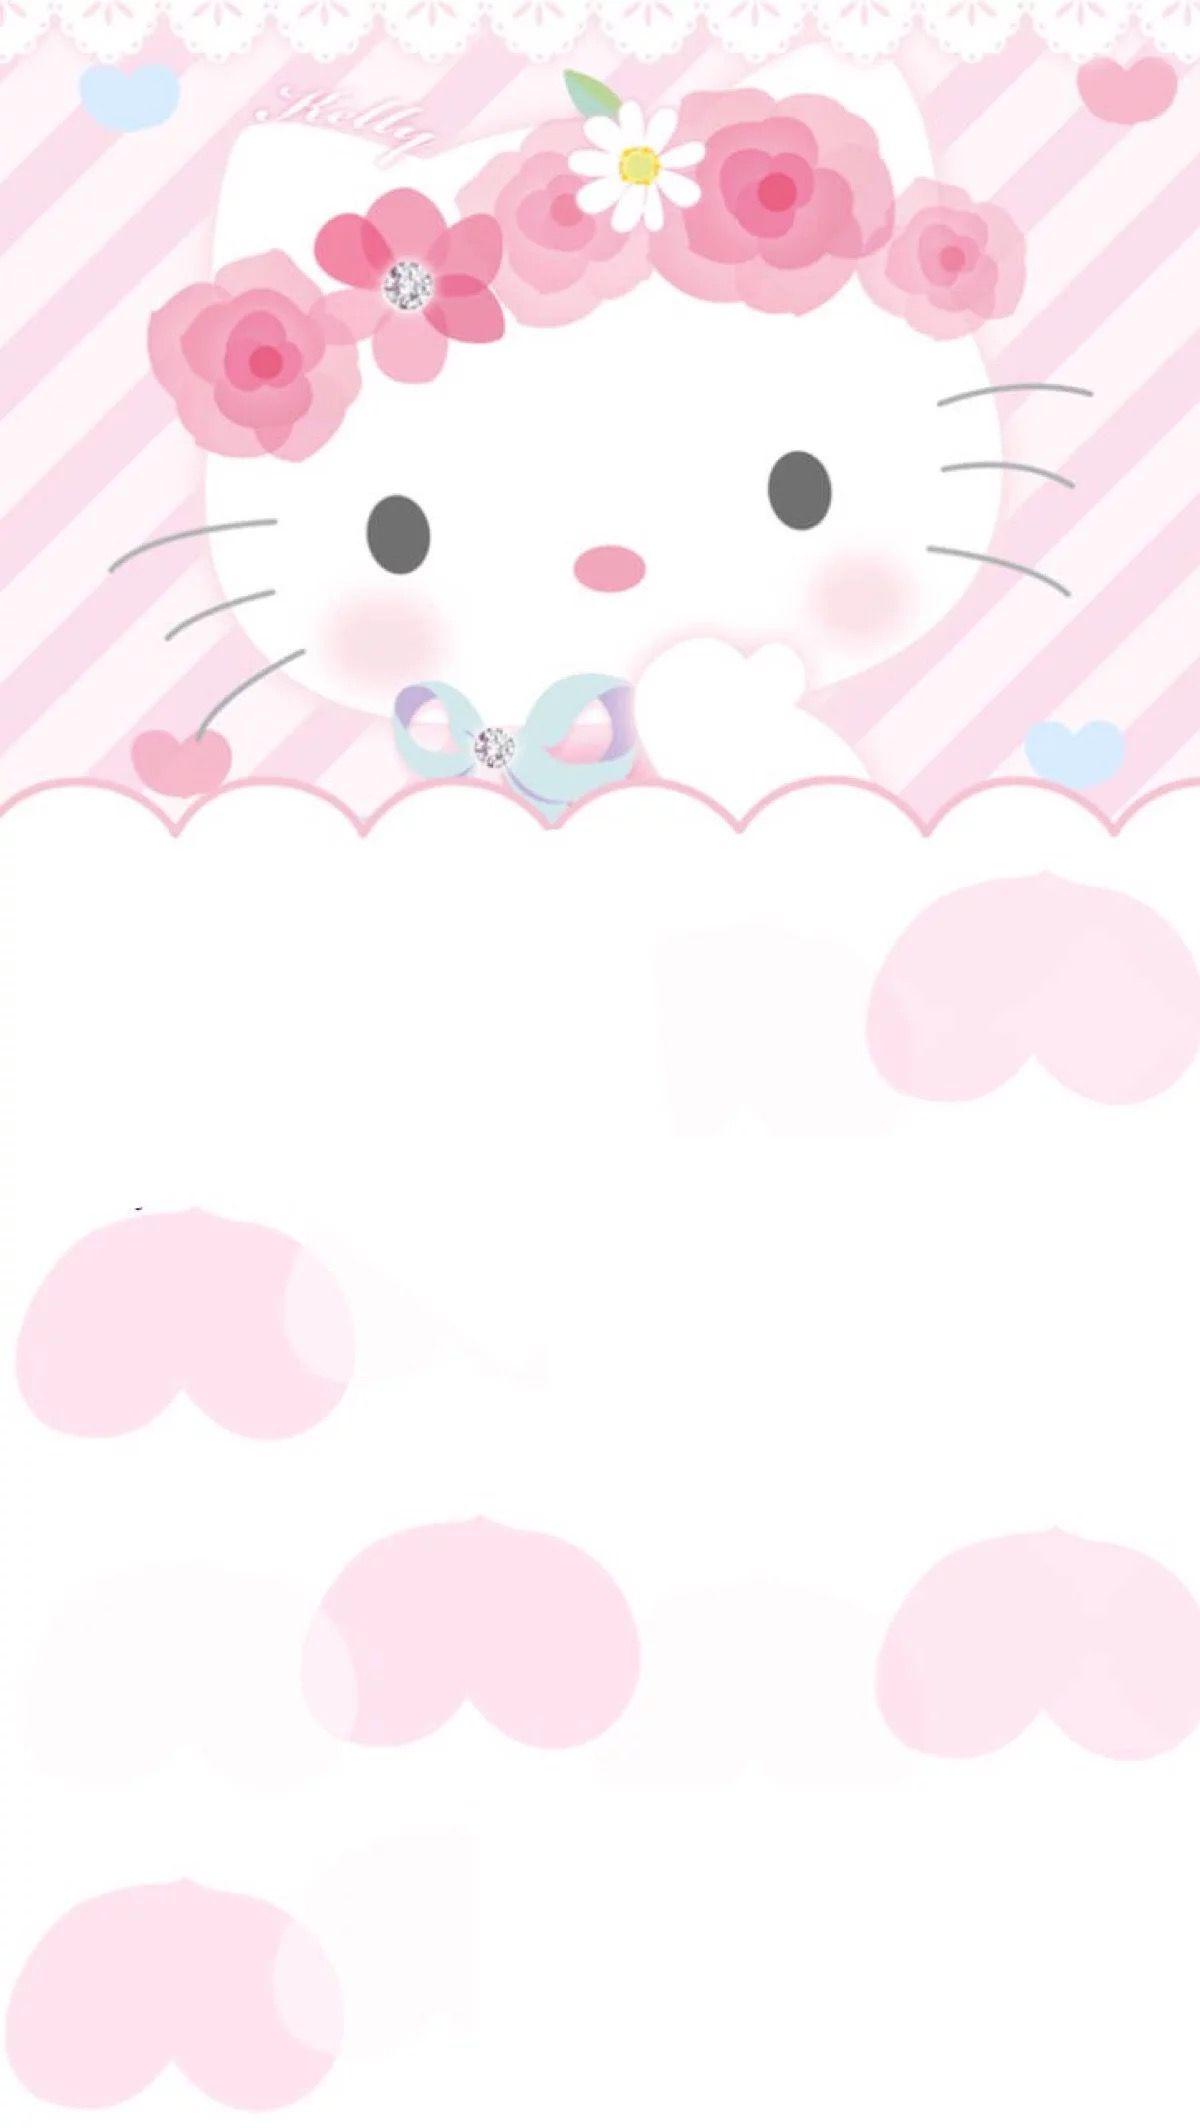 Fantastic Wallpaper Hello Kitty Sakura - c710d6dadadfa011cc3d7ee3d1faed2f  Gallery_16398.jpg